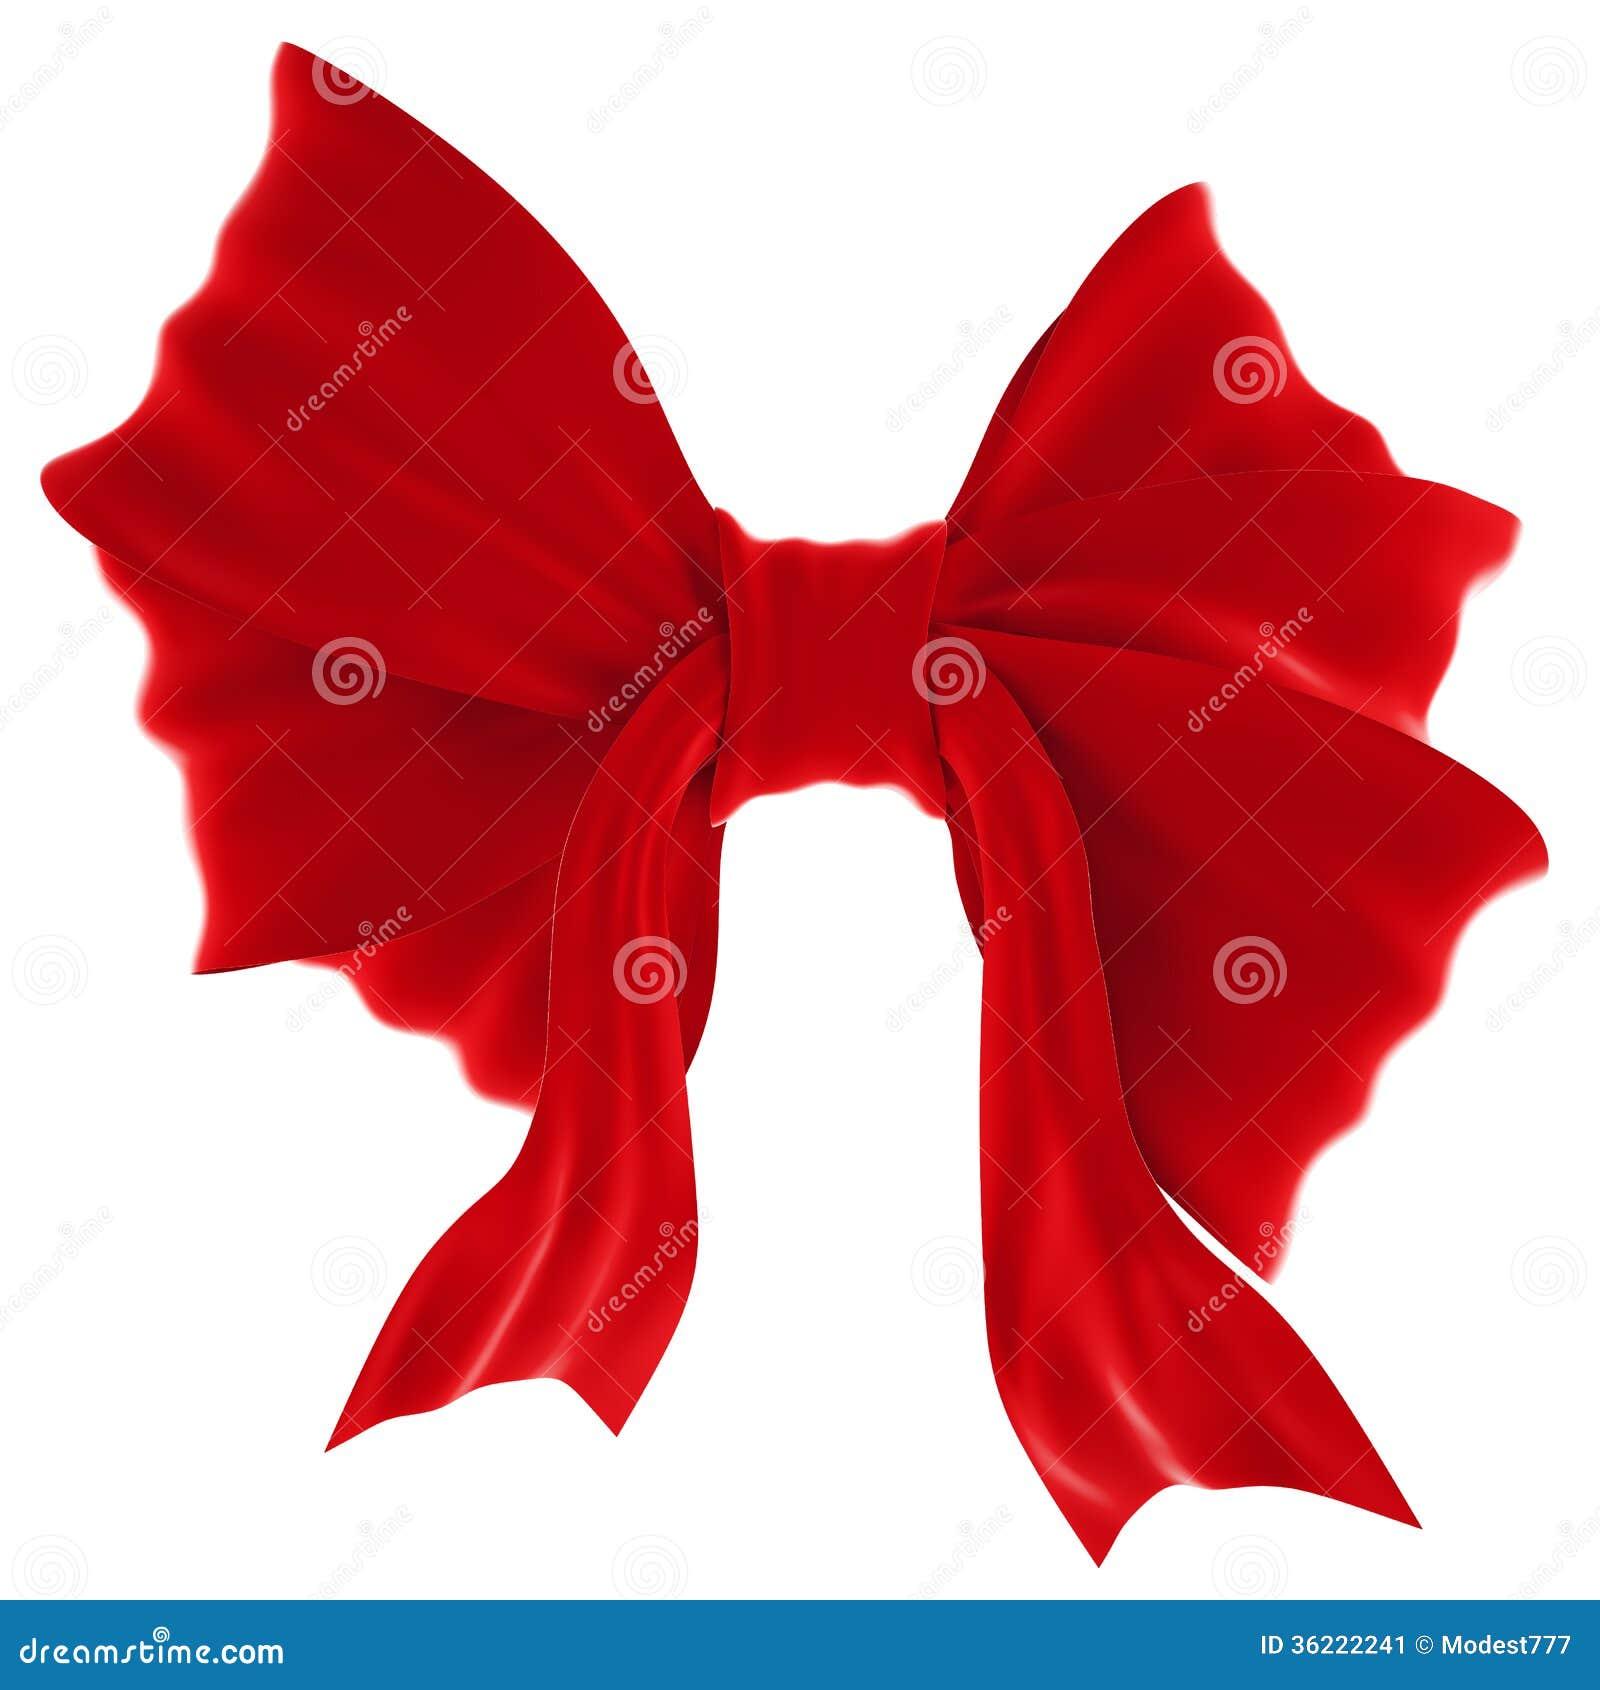 Κόκκινο τόξο δώρων βελούδου. Κορδέλλα. Απομονωμένος στο λευκό